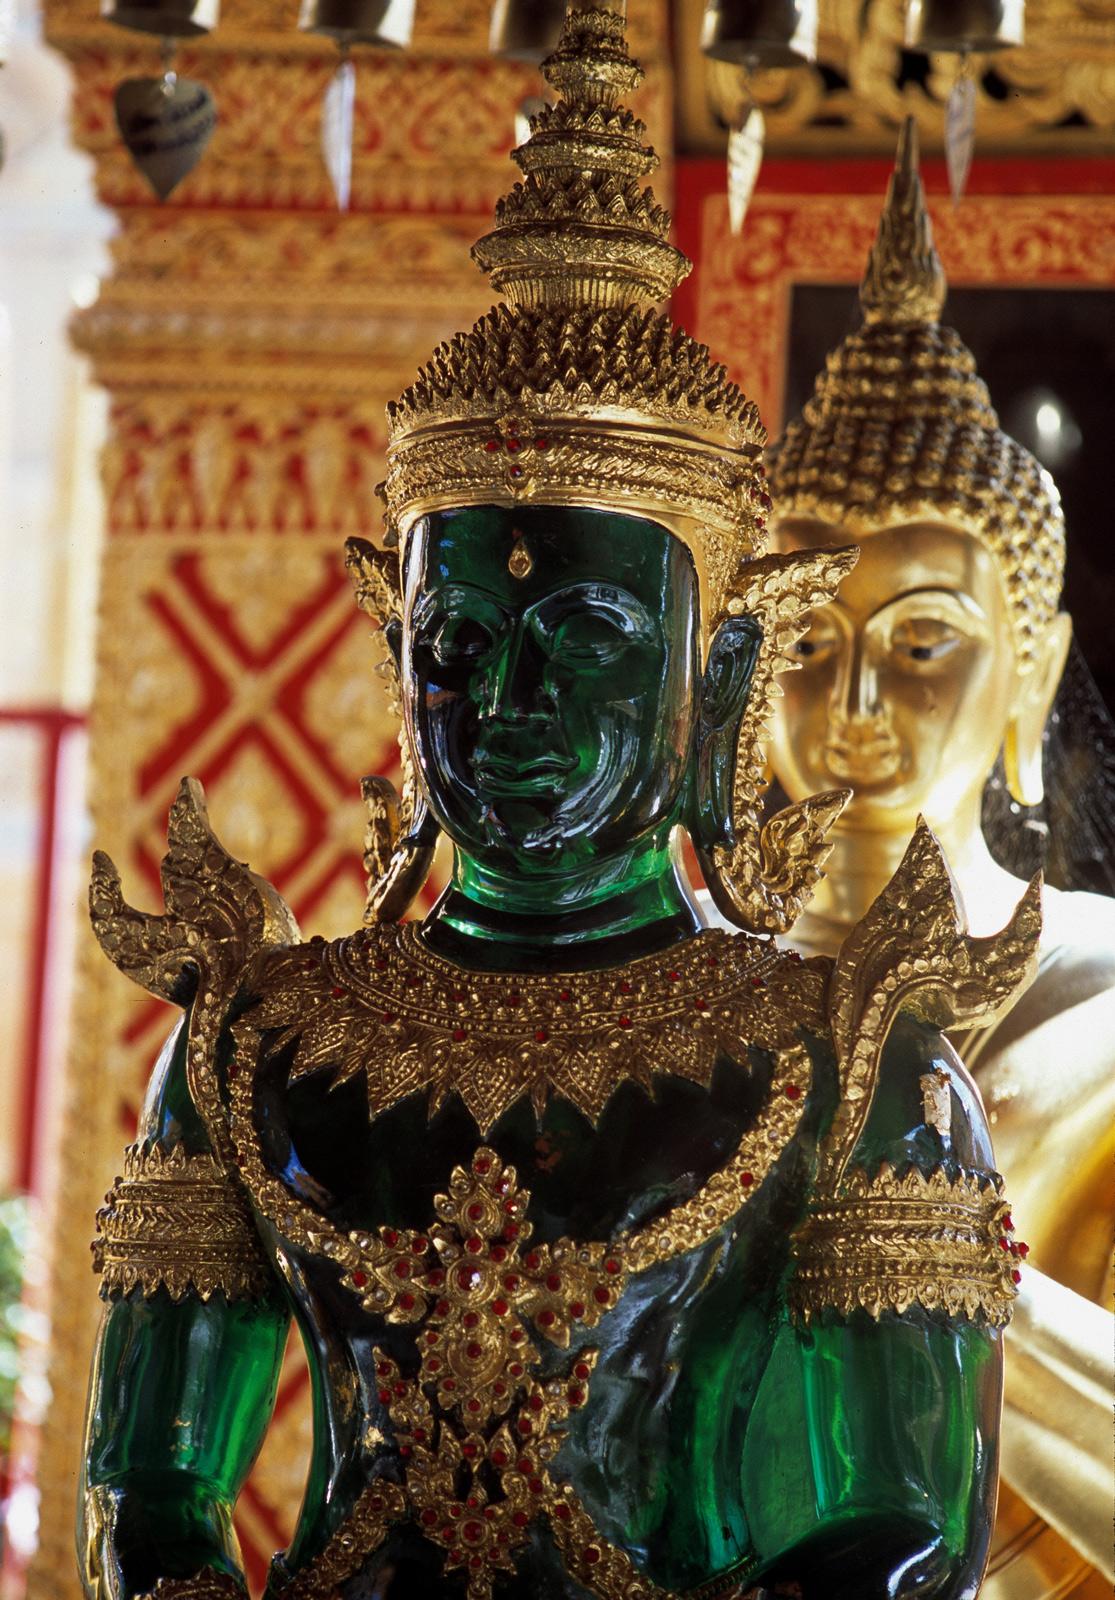 Imagen del Buda Esmeralda. Turismo de Tailandia